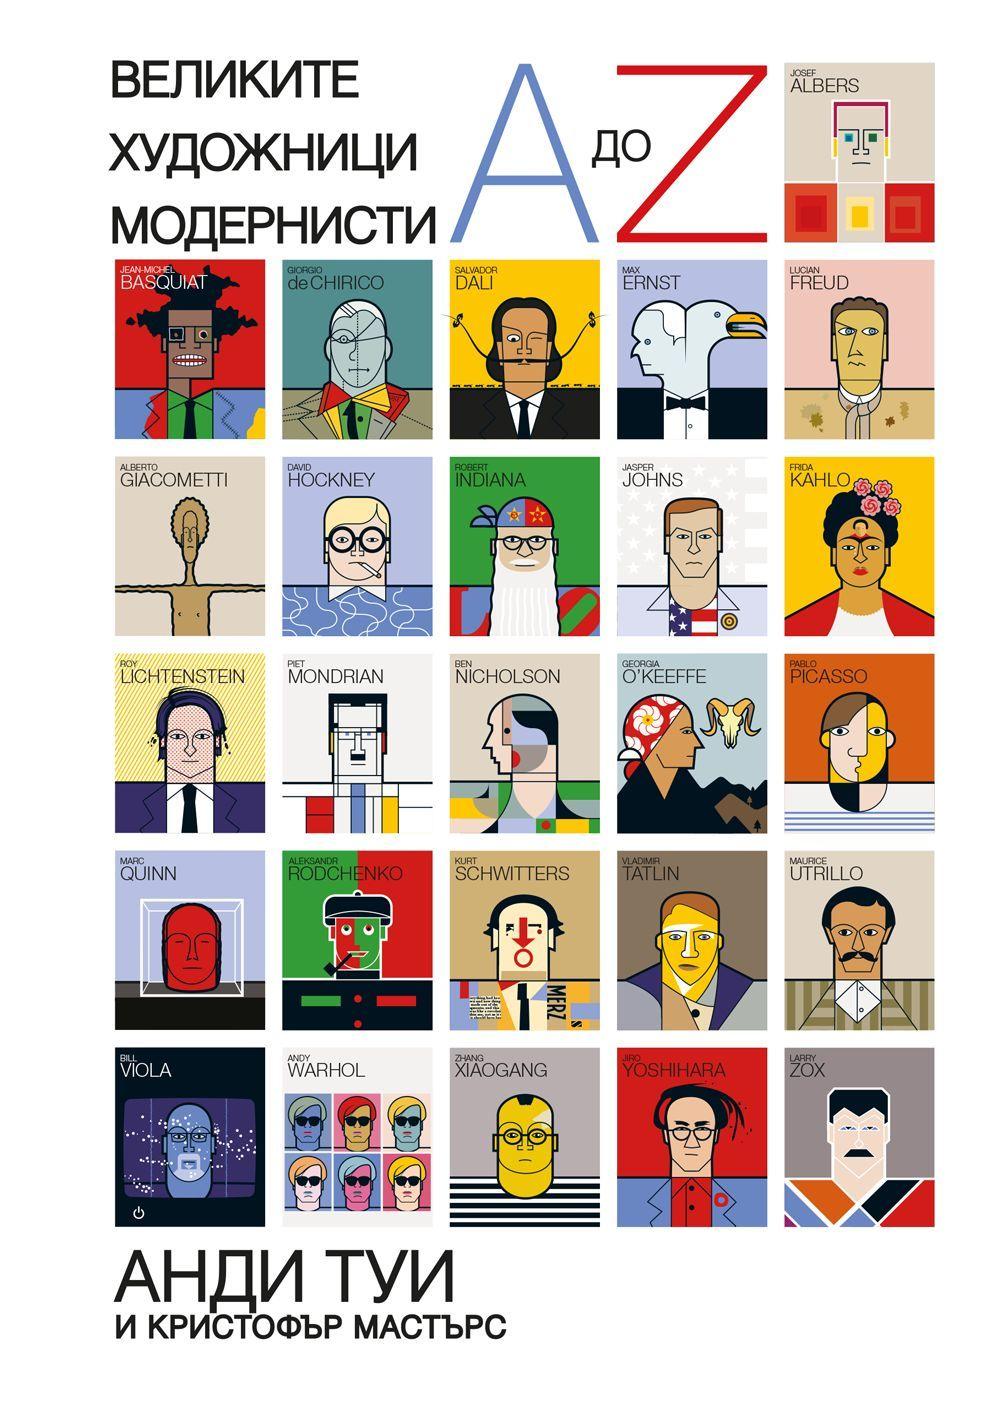 Великите художници модернисти от A до Z - 1